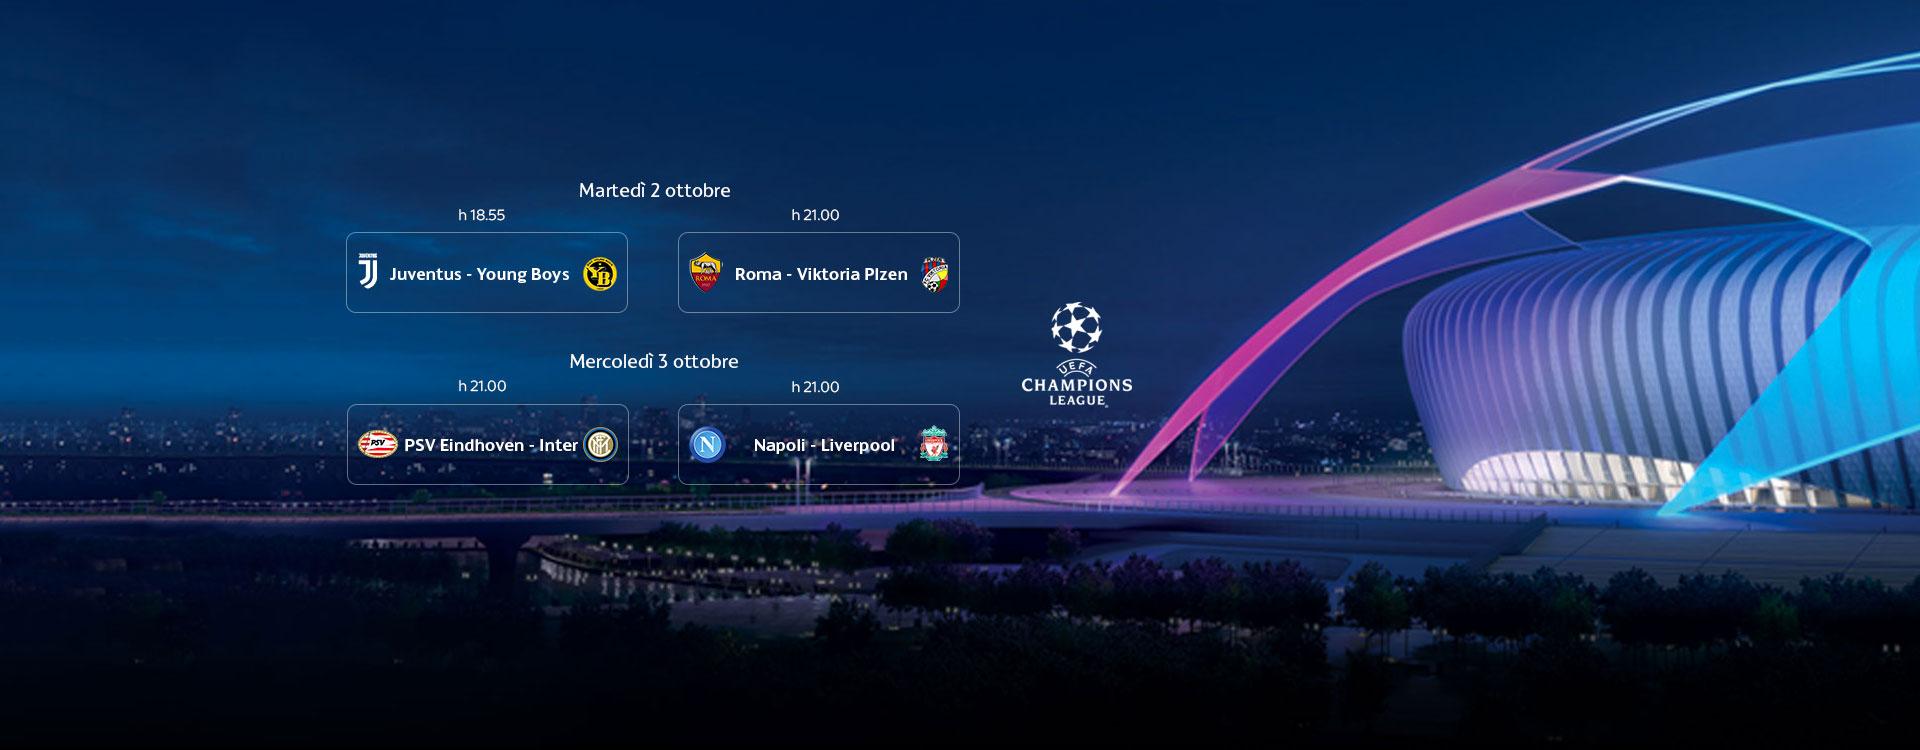 Sky Sport Champions 2a Giornata, Diretta Esclusiva | Palinsesto e Telecronisti